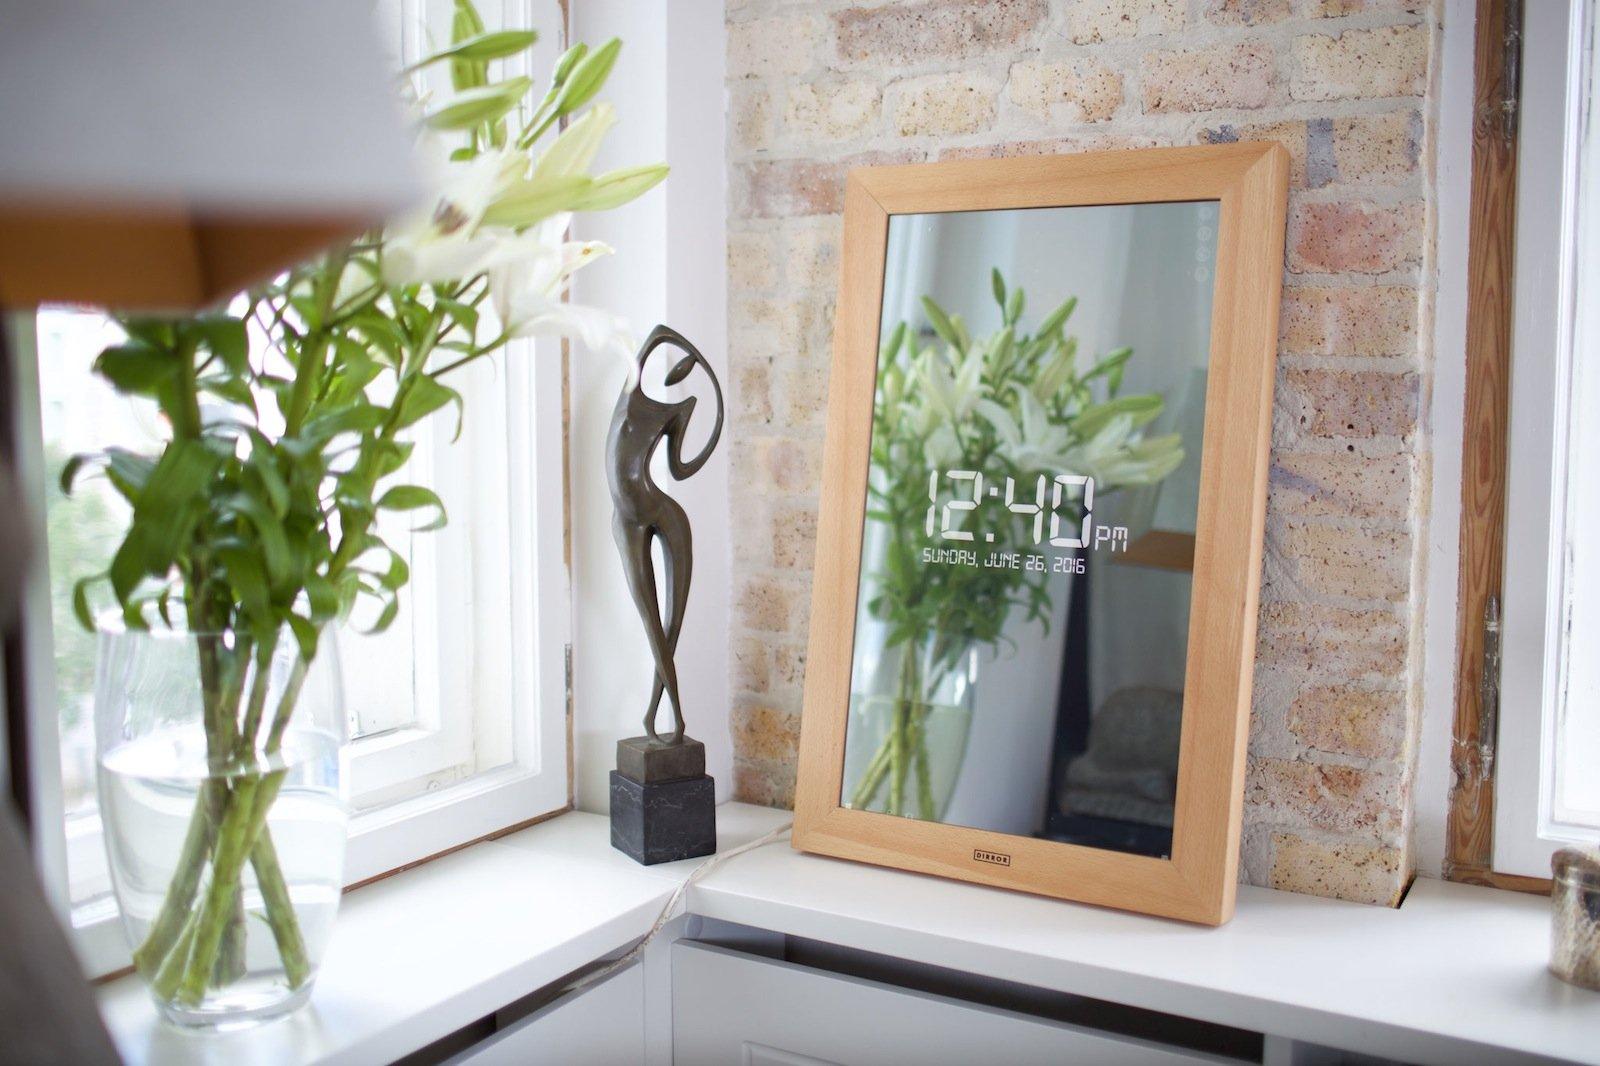 mit diesem spiegel k nnen sie hinaus in die digitale welt schauen. Black Bedroom Furniture Sets. Home Design Ideas